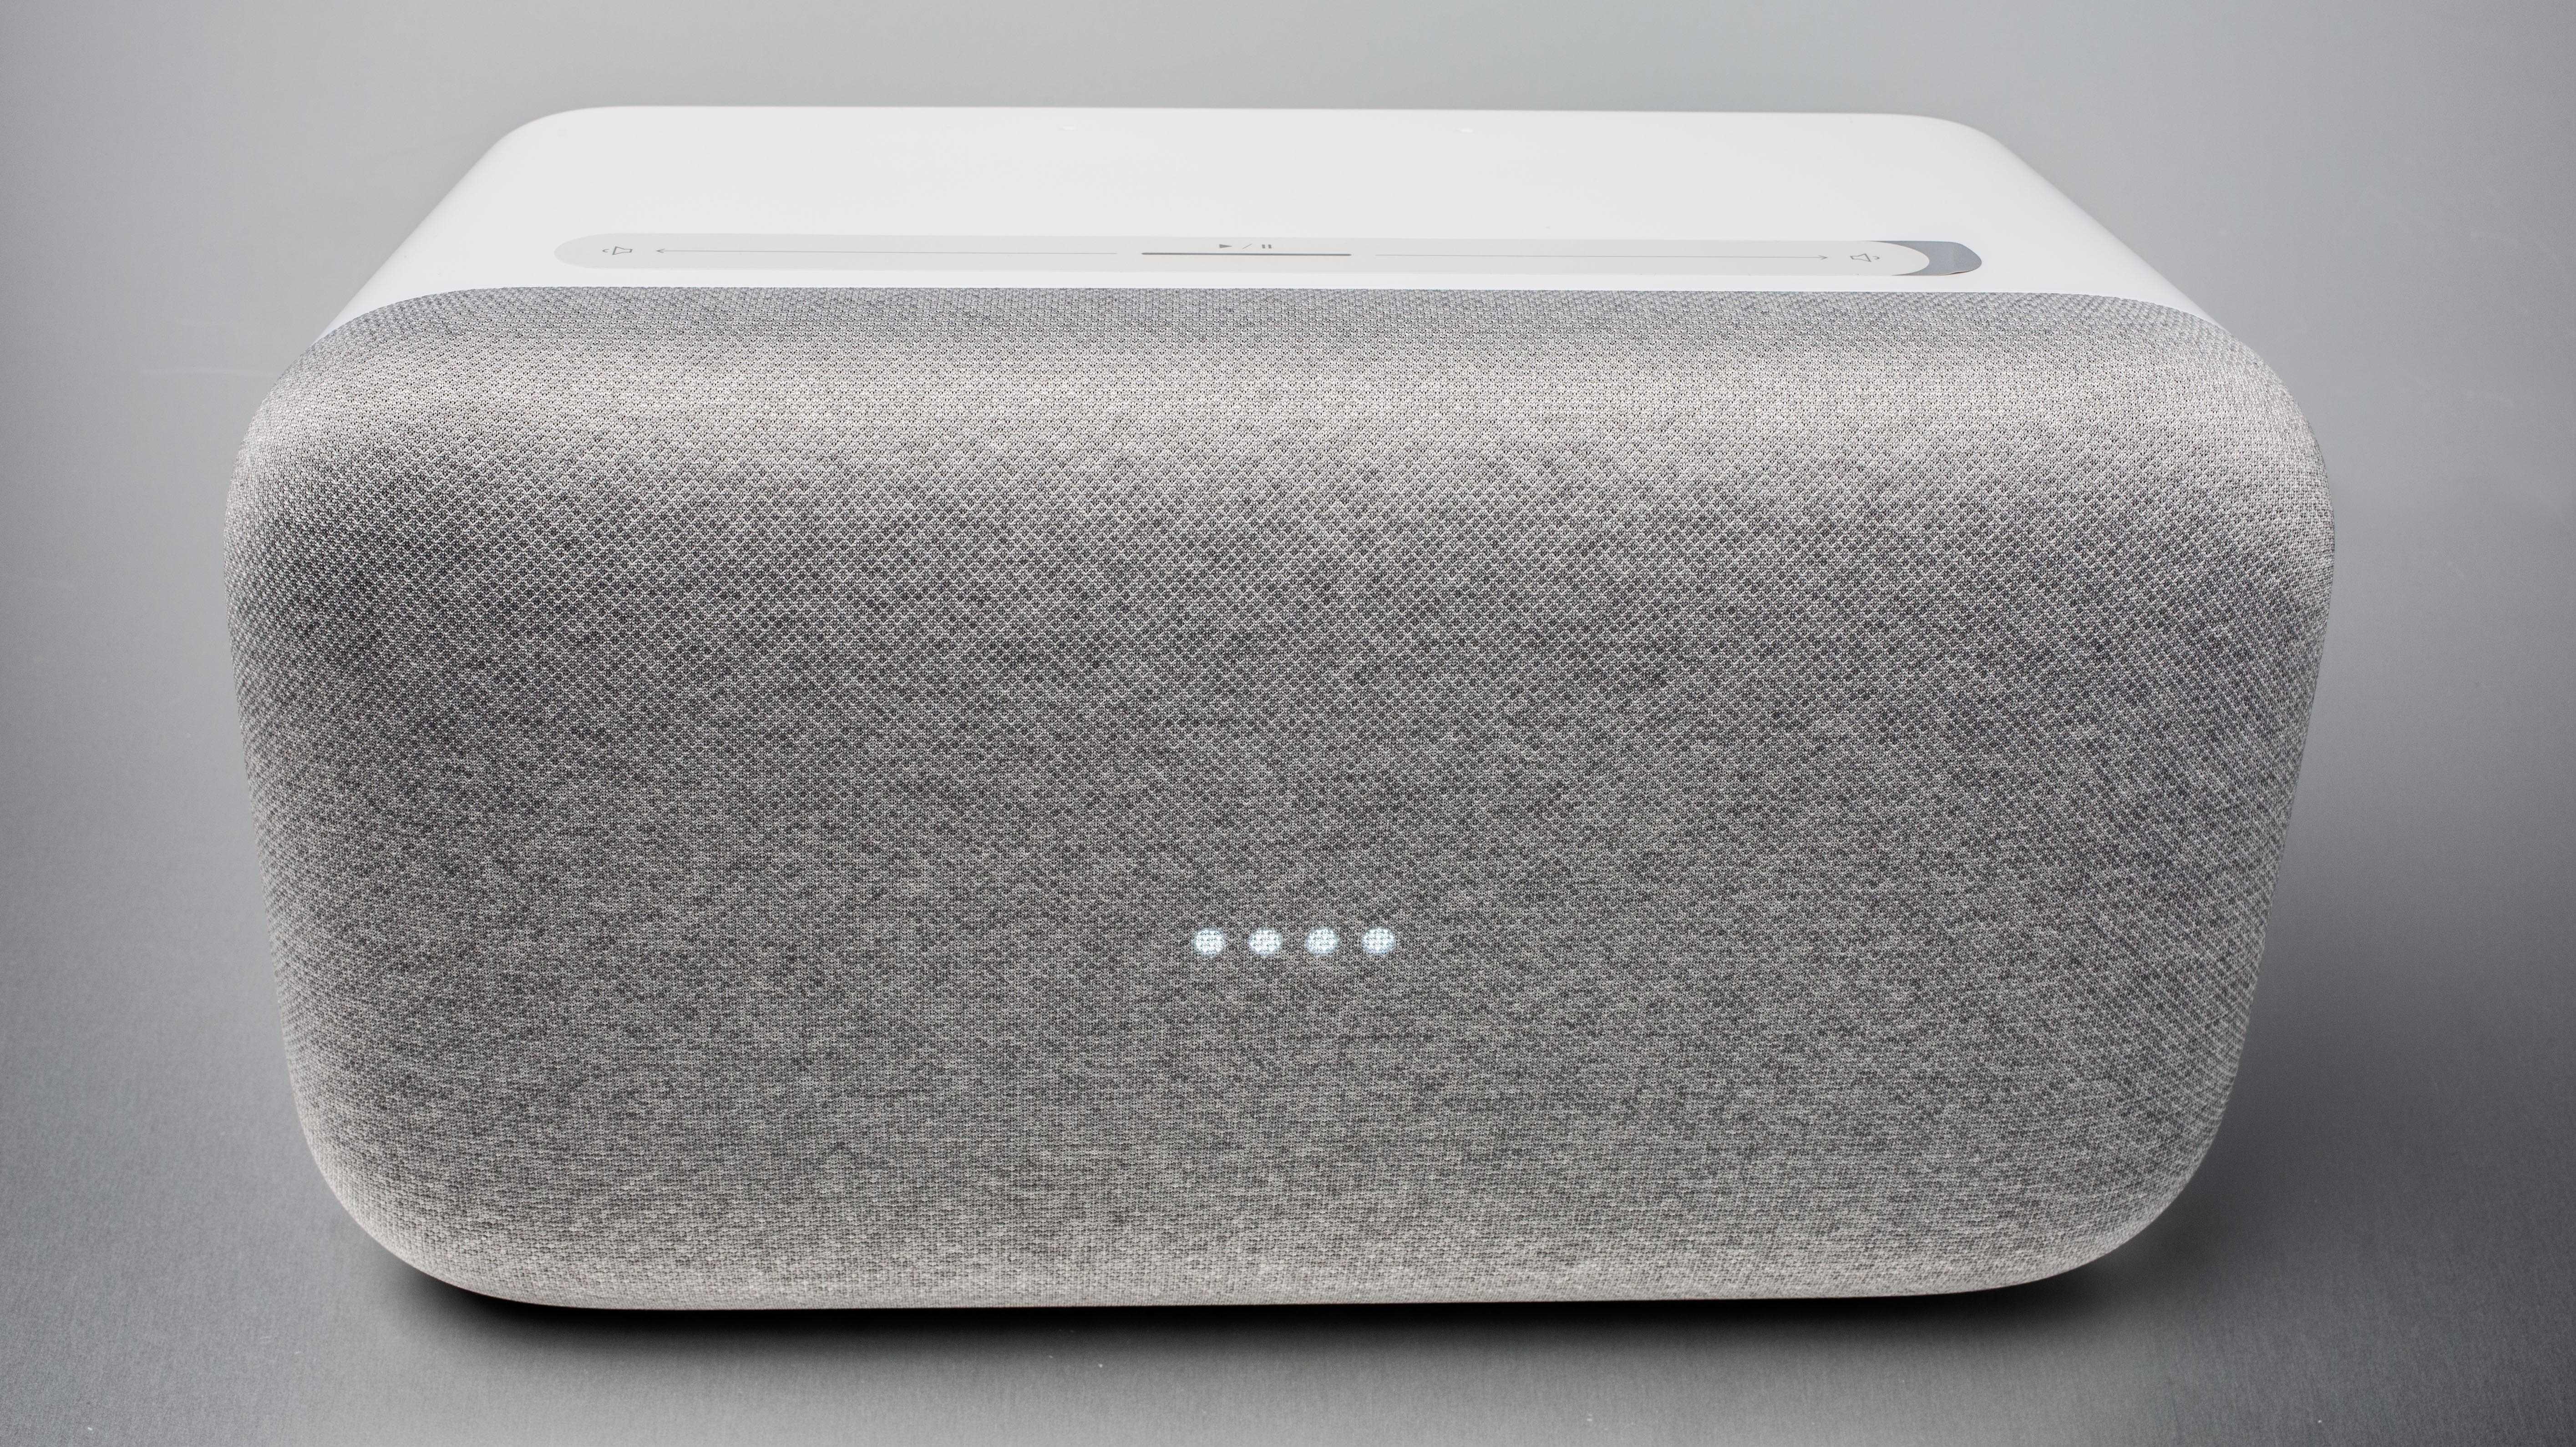 Bummbumm-Bass: Lautsprecher Google Home Max im Kurztest